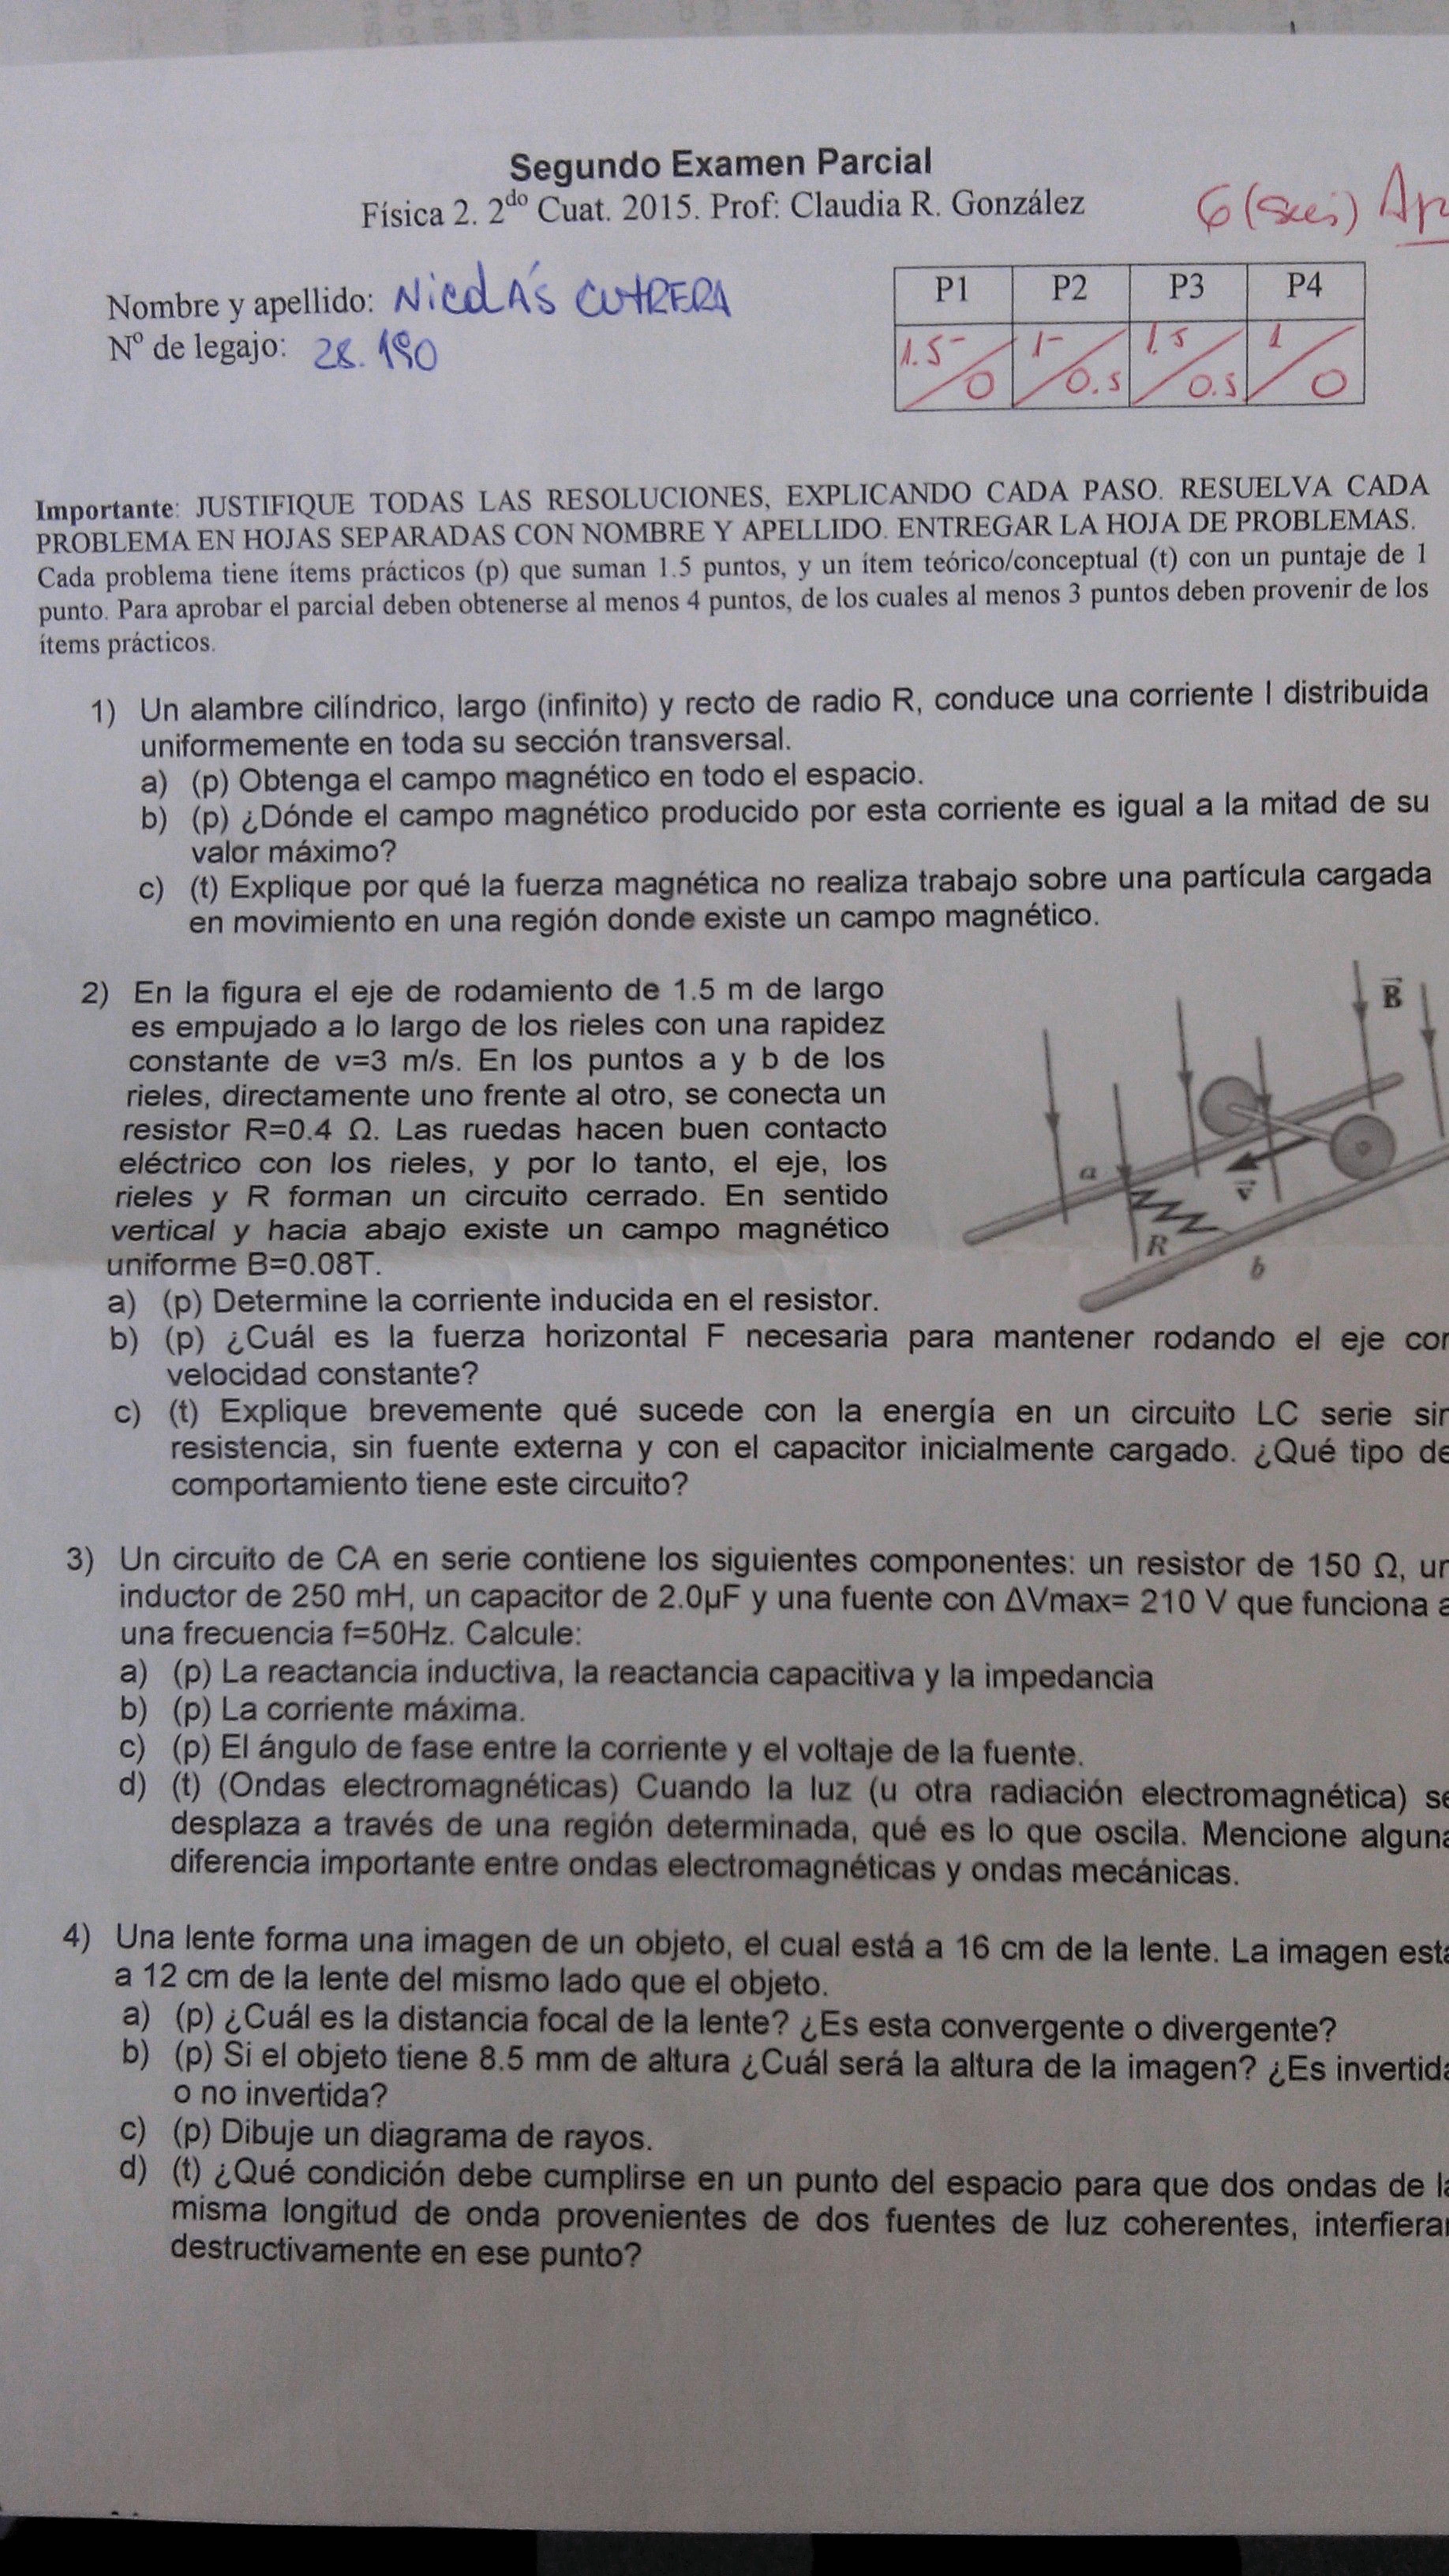 Modelo De Examen Modelos De Examen Fisica Primer Y Segundo Examen Fisica 3 Cbc Ciclo Basico Comun Filadd